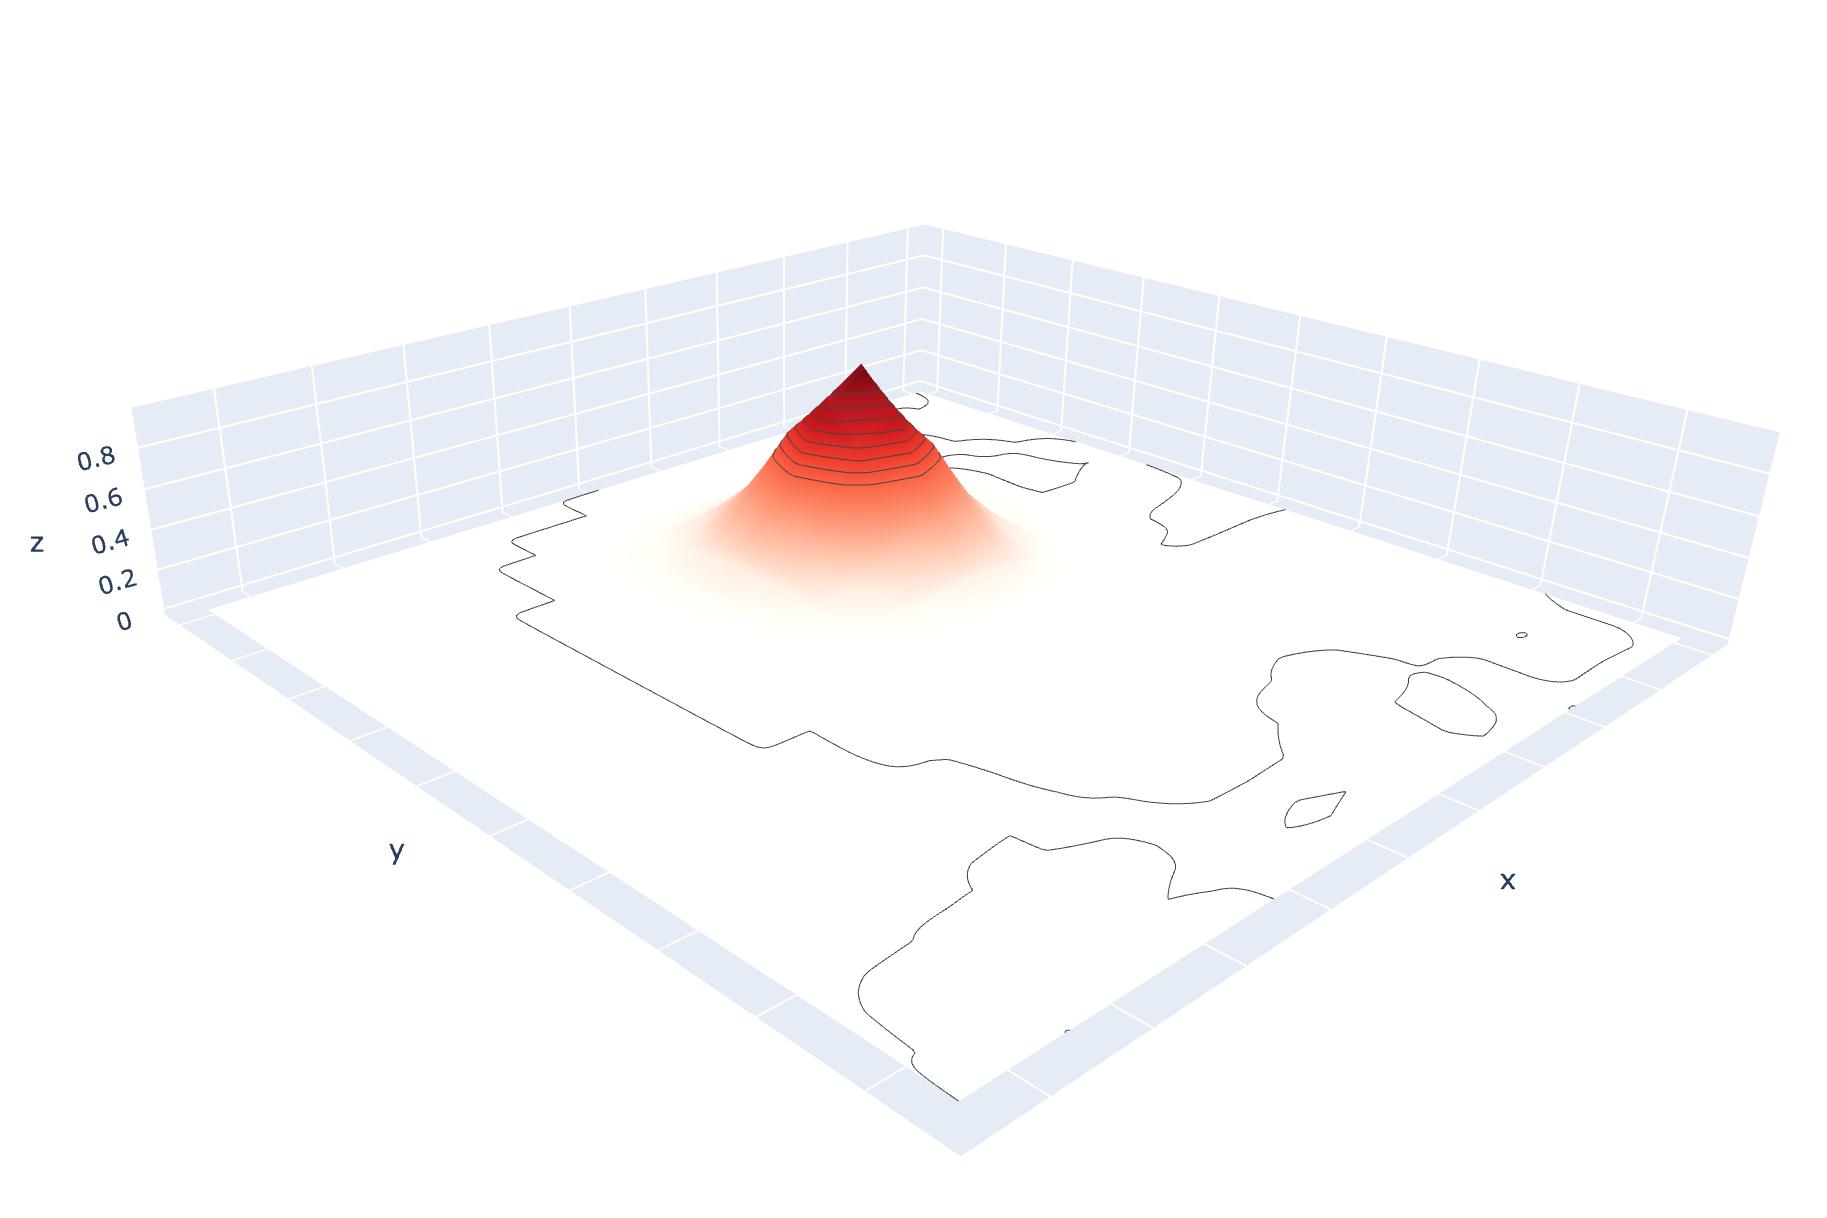 Визуализация выхода модели для одного сустава